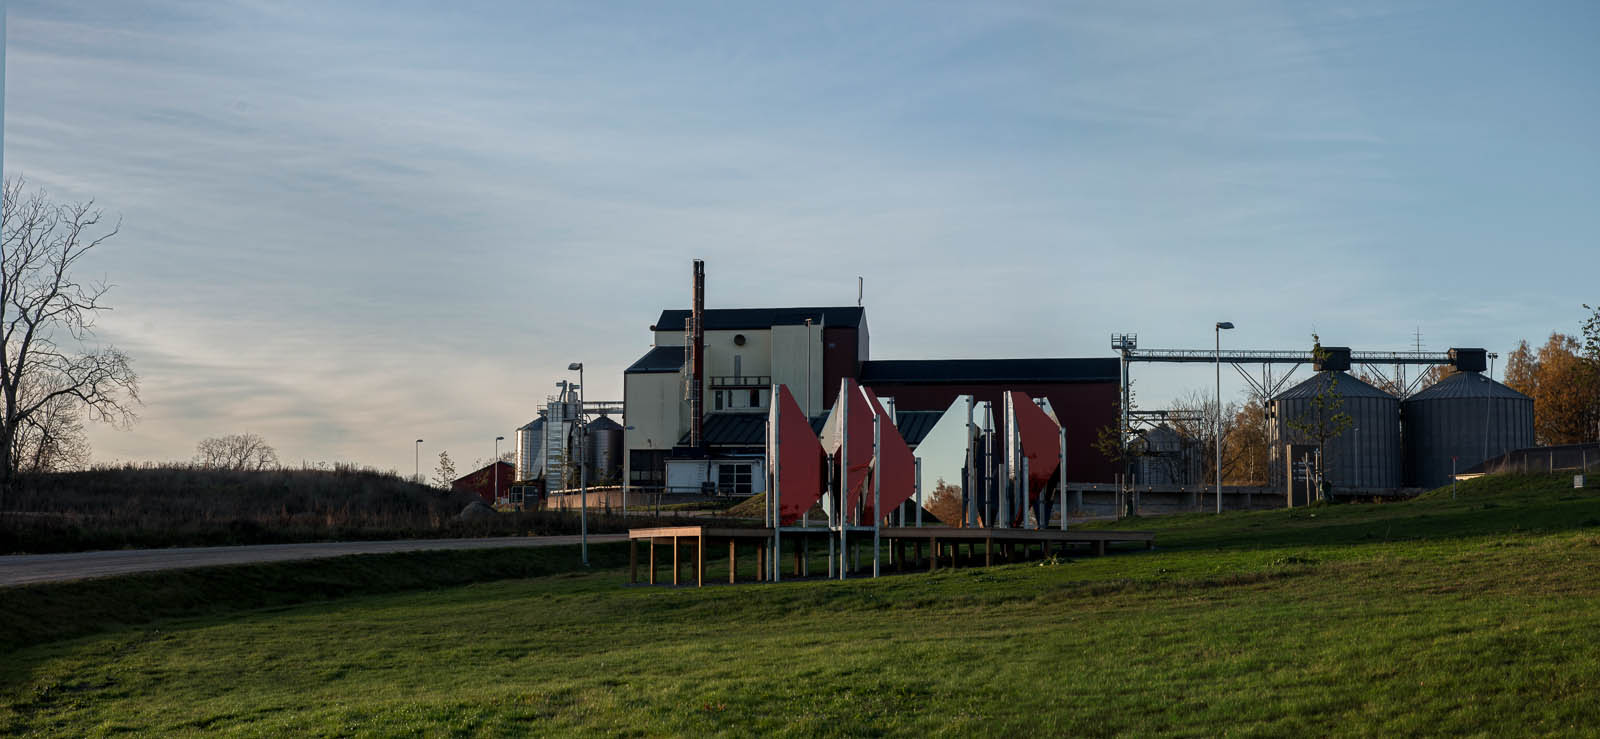 Verket står på en gräsmatta. I bakgrunden biogasanläggningen med skorsten och grå cisterner. Patrik Aarnivaara, Tidsglänta, 2013.